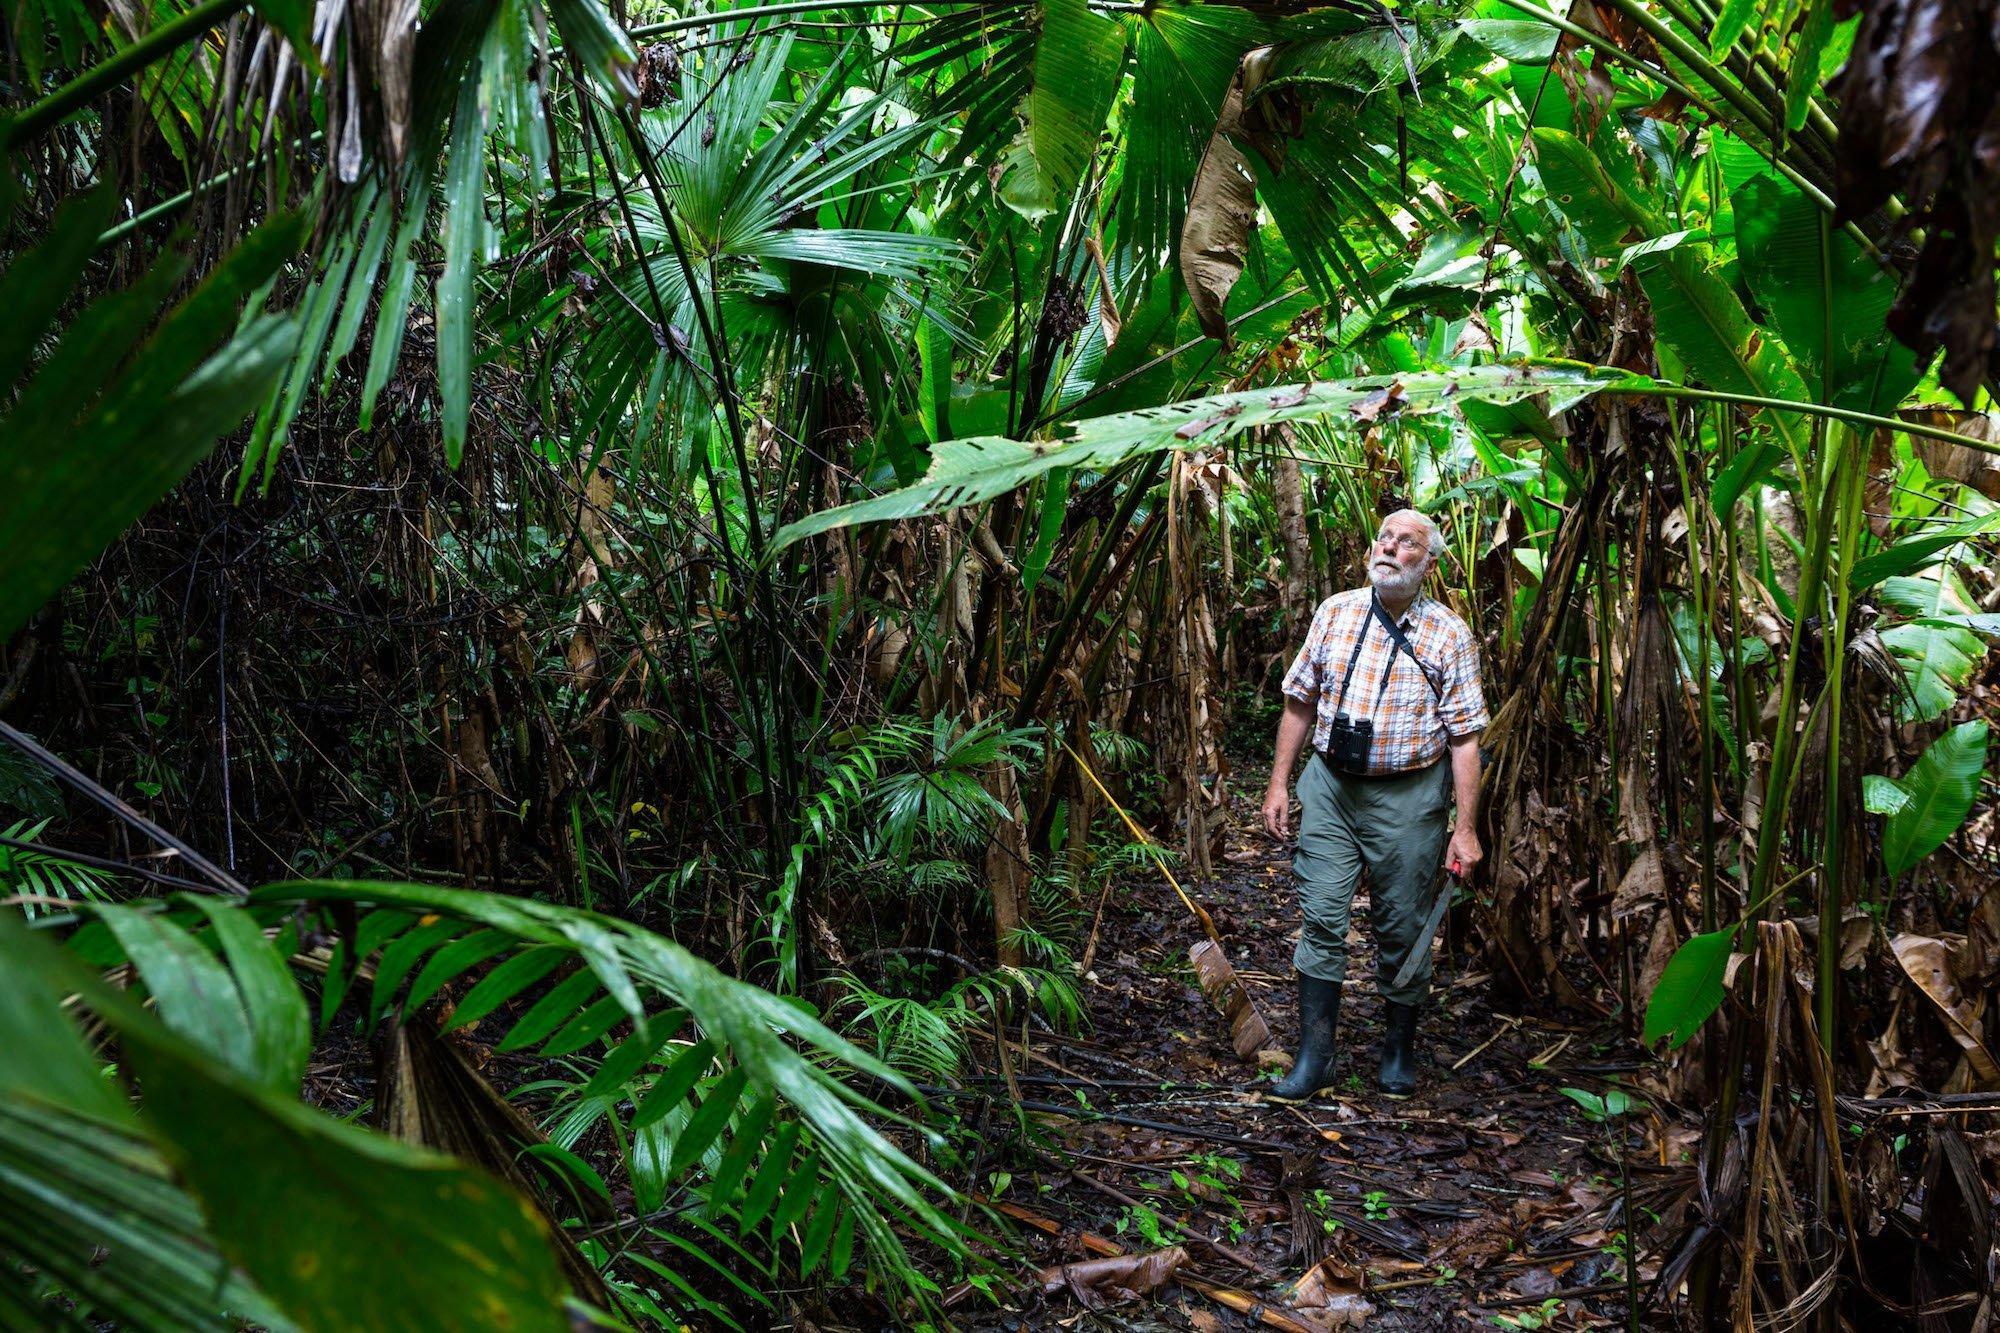 Manfred Siering in einem dicht bewachsenen tropischen Wald.